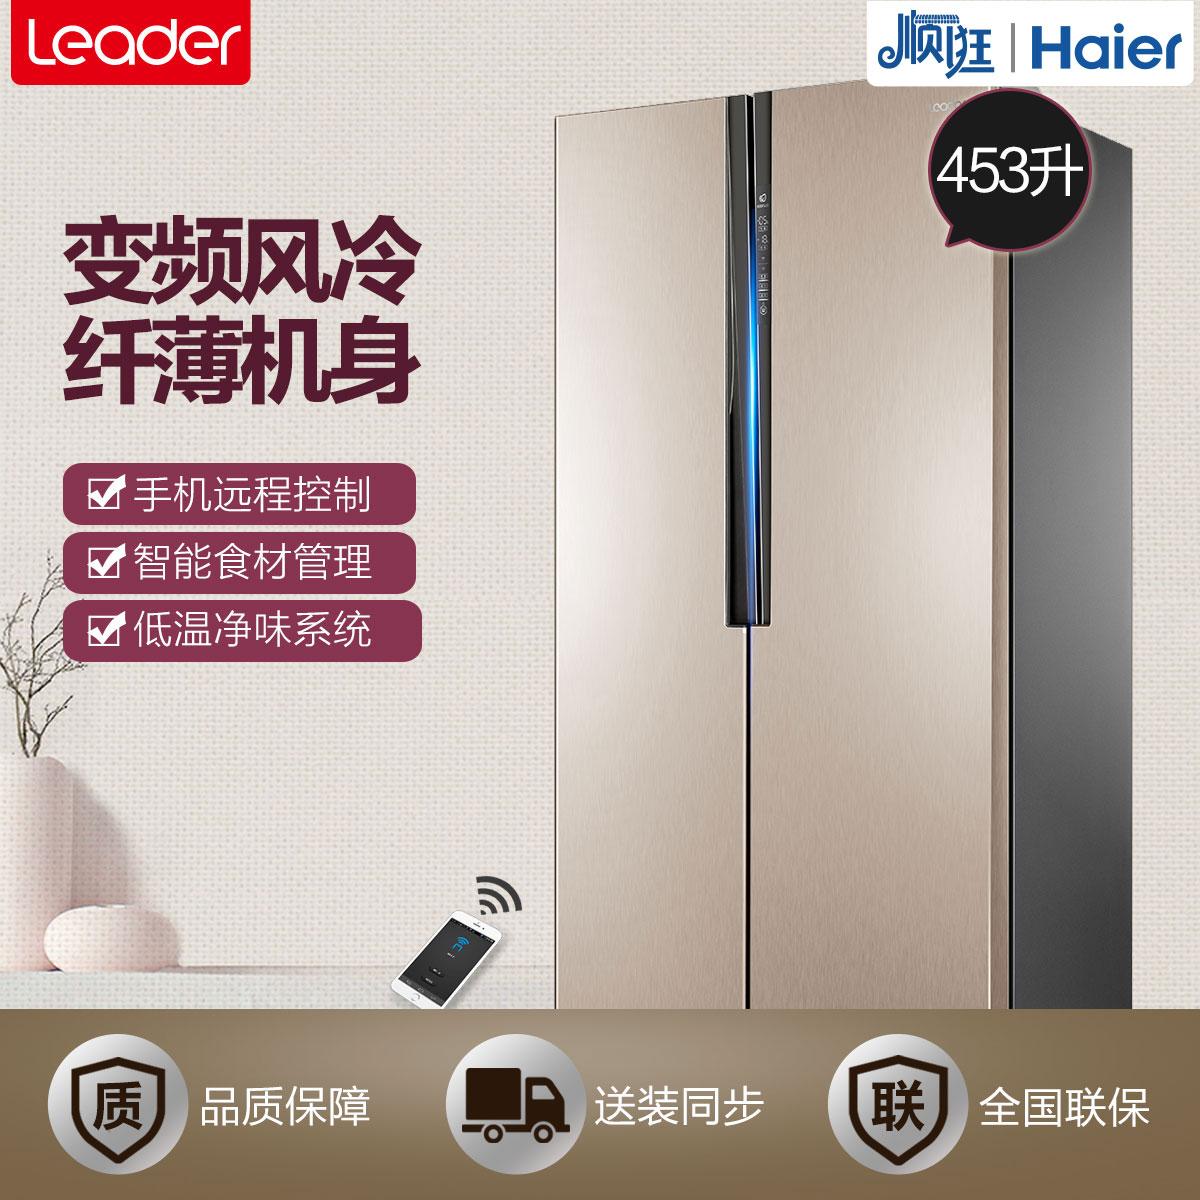 变频风冷无霜冰箱,变频压缩机,节能静音,66.5CM纤薄机身;手机远程控制,智能食材管理;低温净味系统 BCD-453WLDEBU1 453升风冷无霜对开门智能冰箱